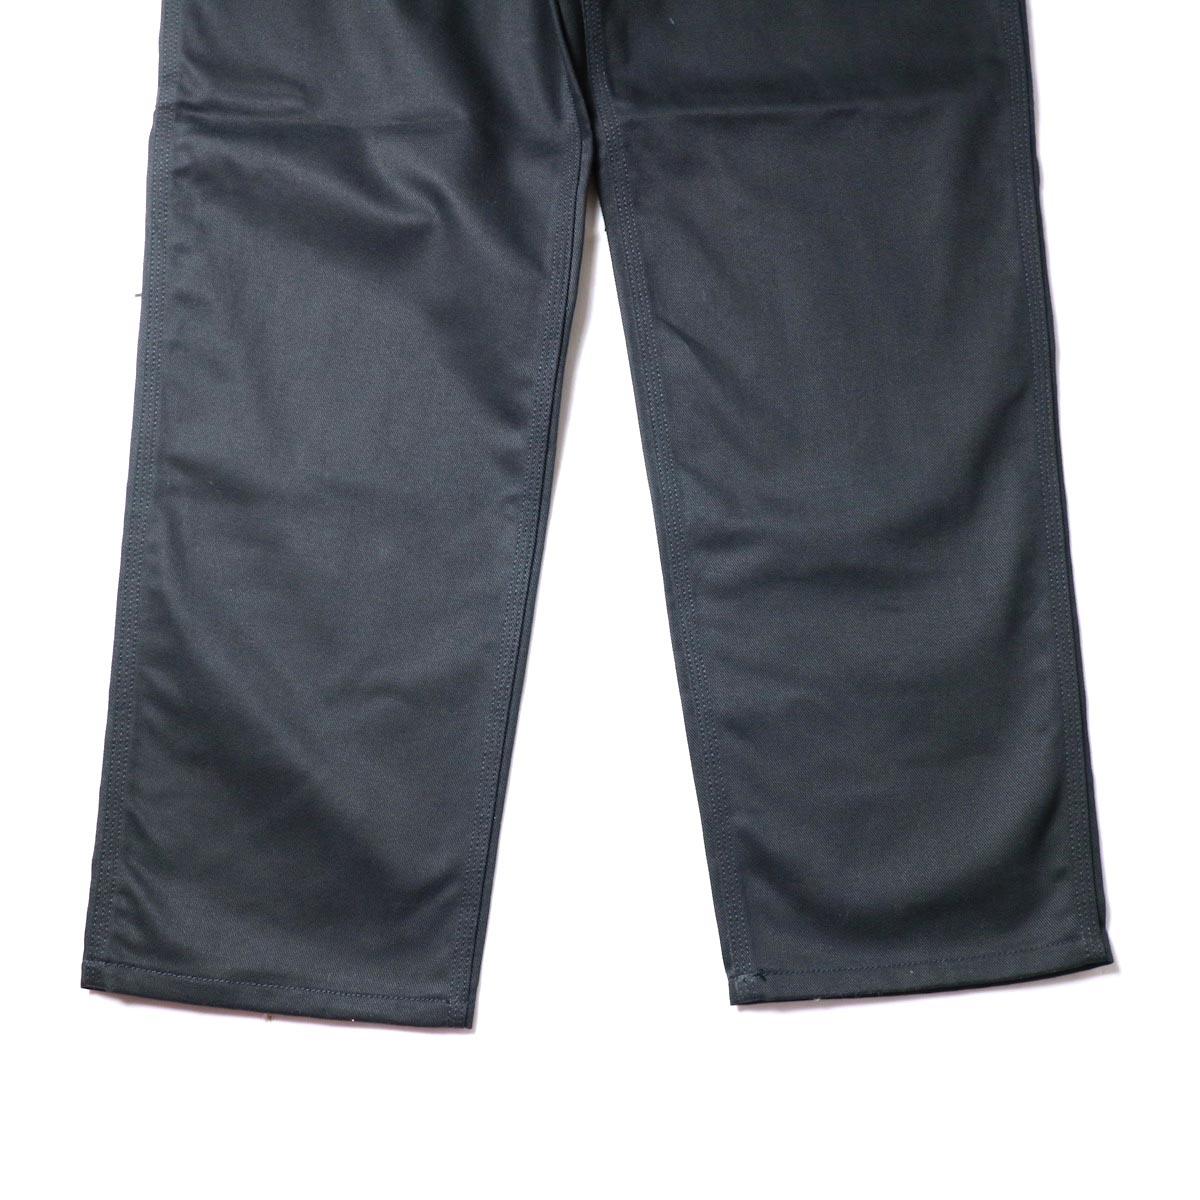 FUTURE PRIMITIVE / FP FZ PAINTER PANTS (Black)裾